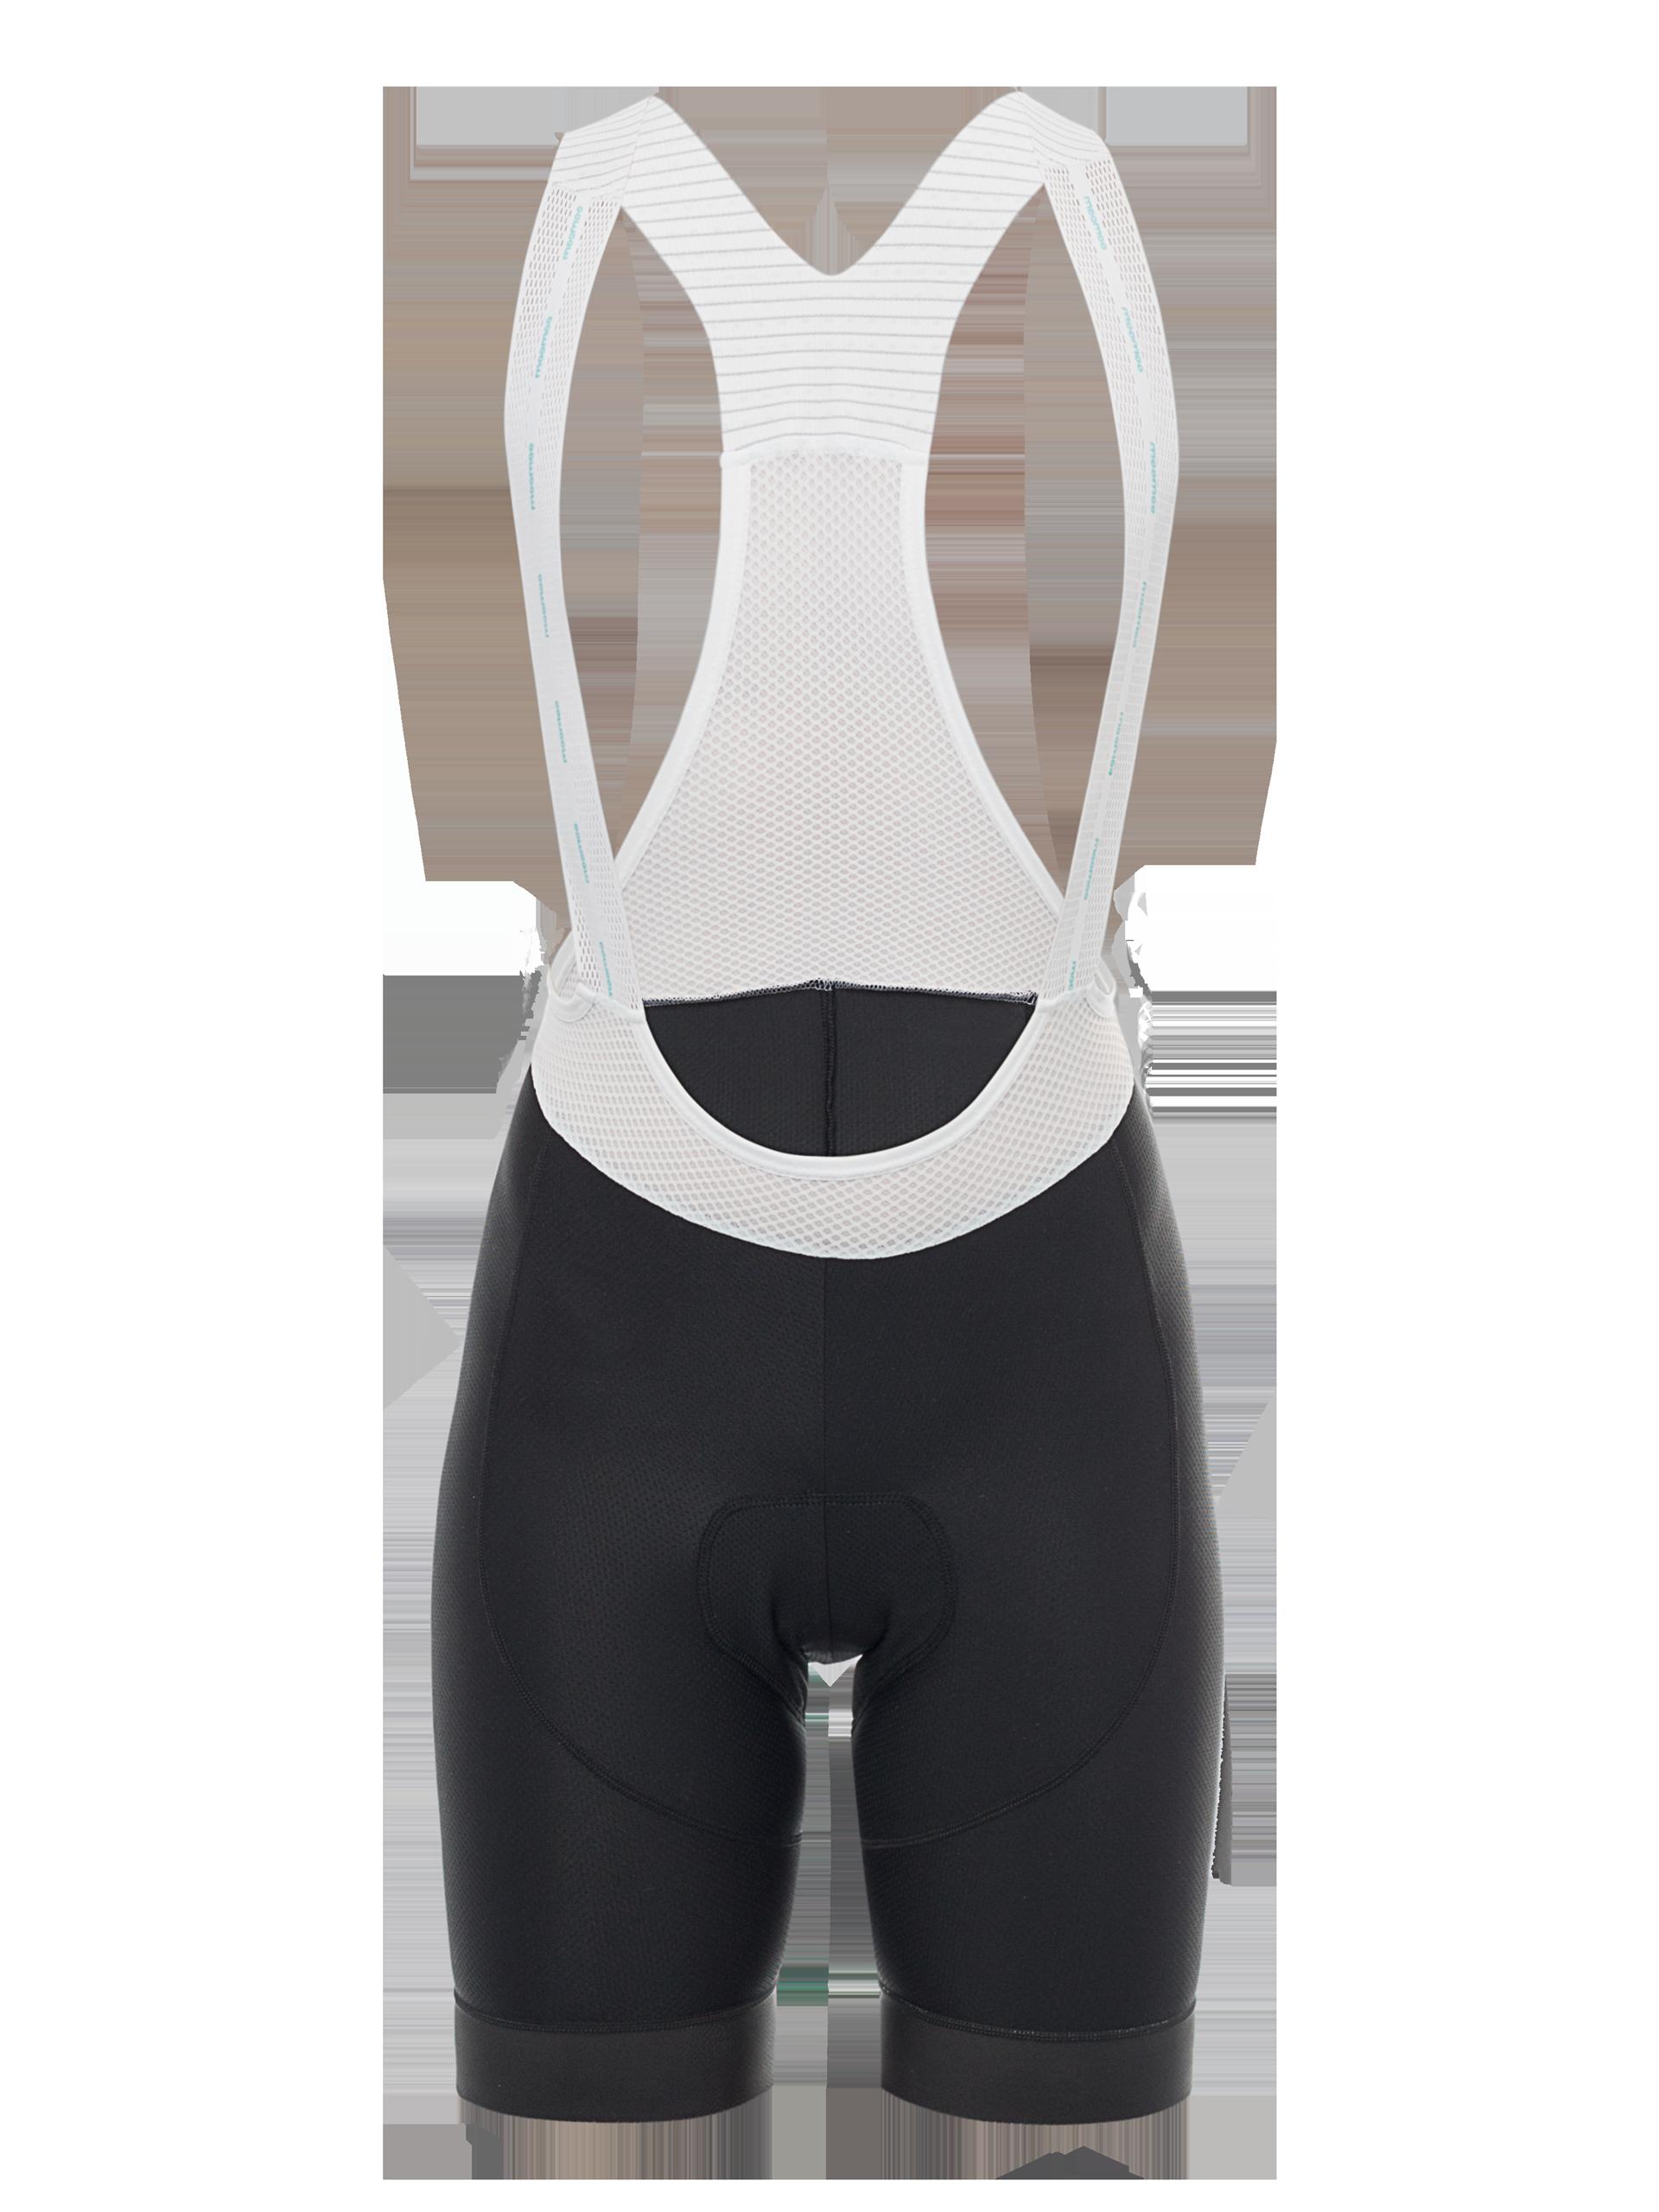 9dac52b3ec7 Women's Bib Short Pro 2.0 | moomoo